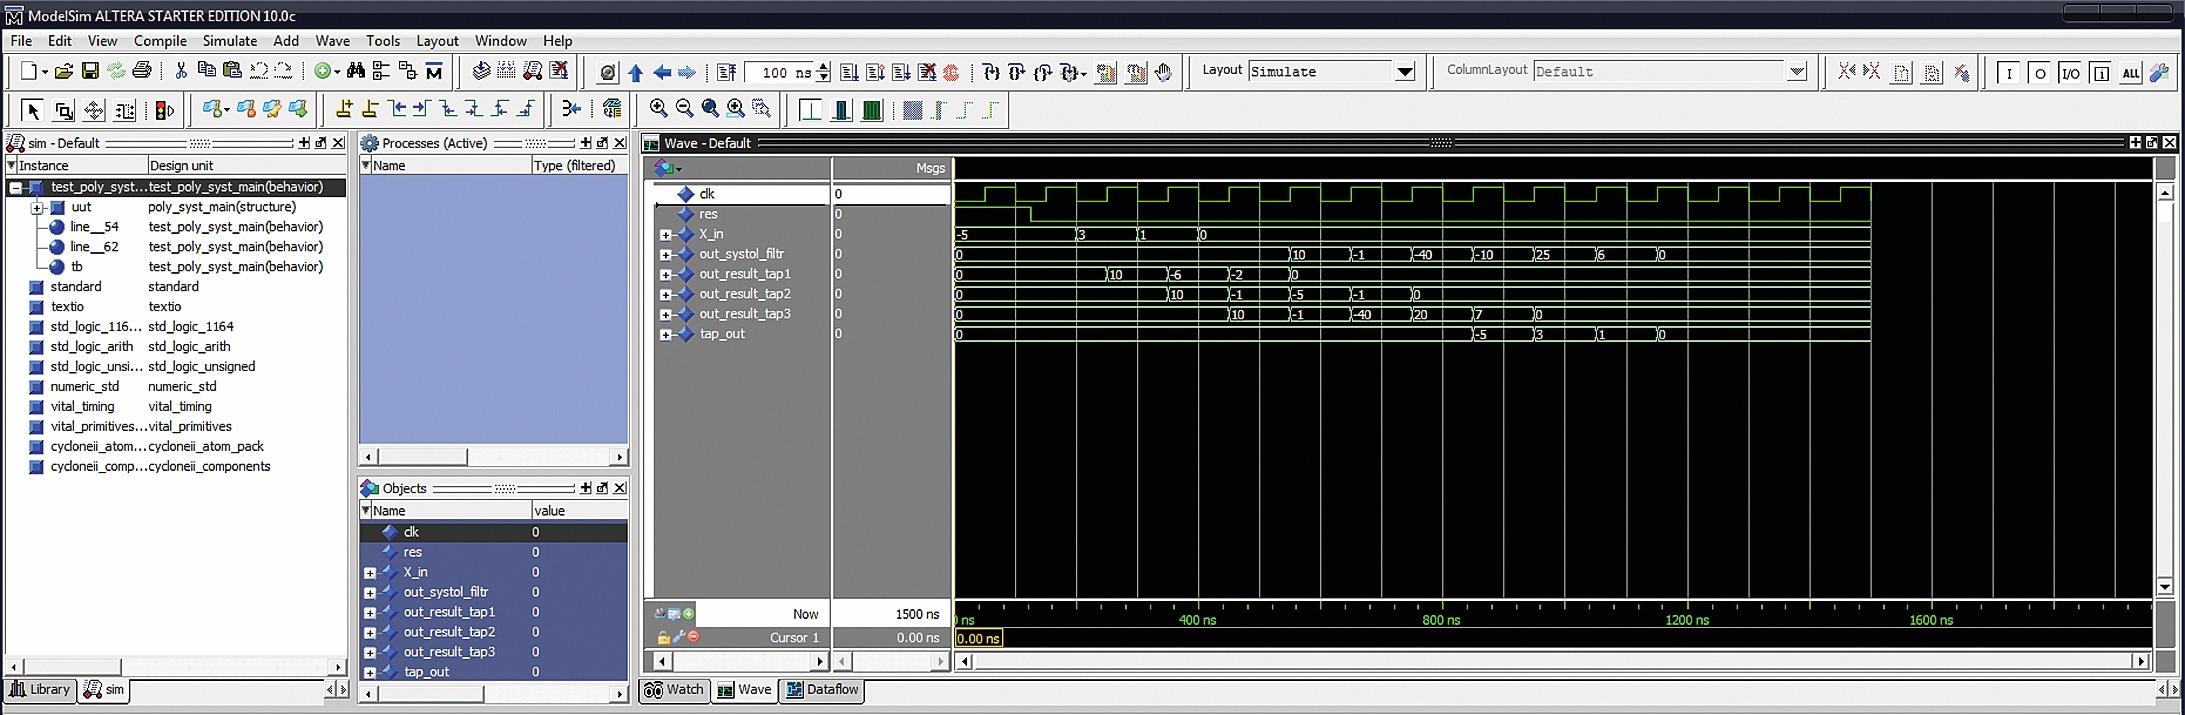 Временные диаграммы работы систолического КИХ-фильтра на четыре отвода с однотипными процессорными элементами в симуляторе ModelSim-Altera версии 10.с